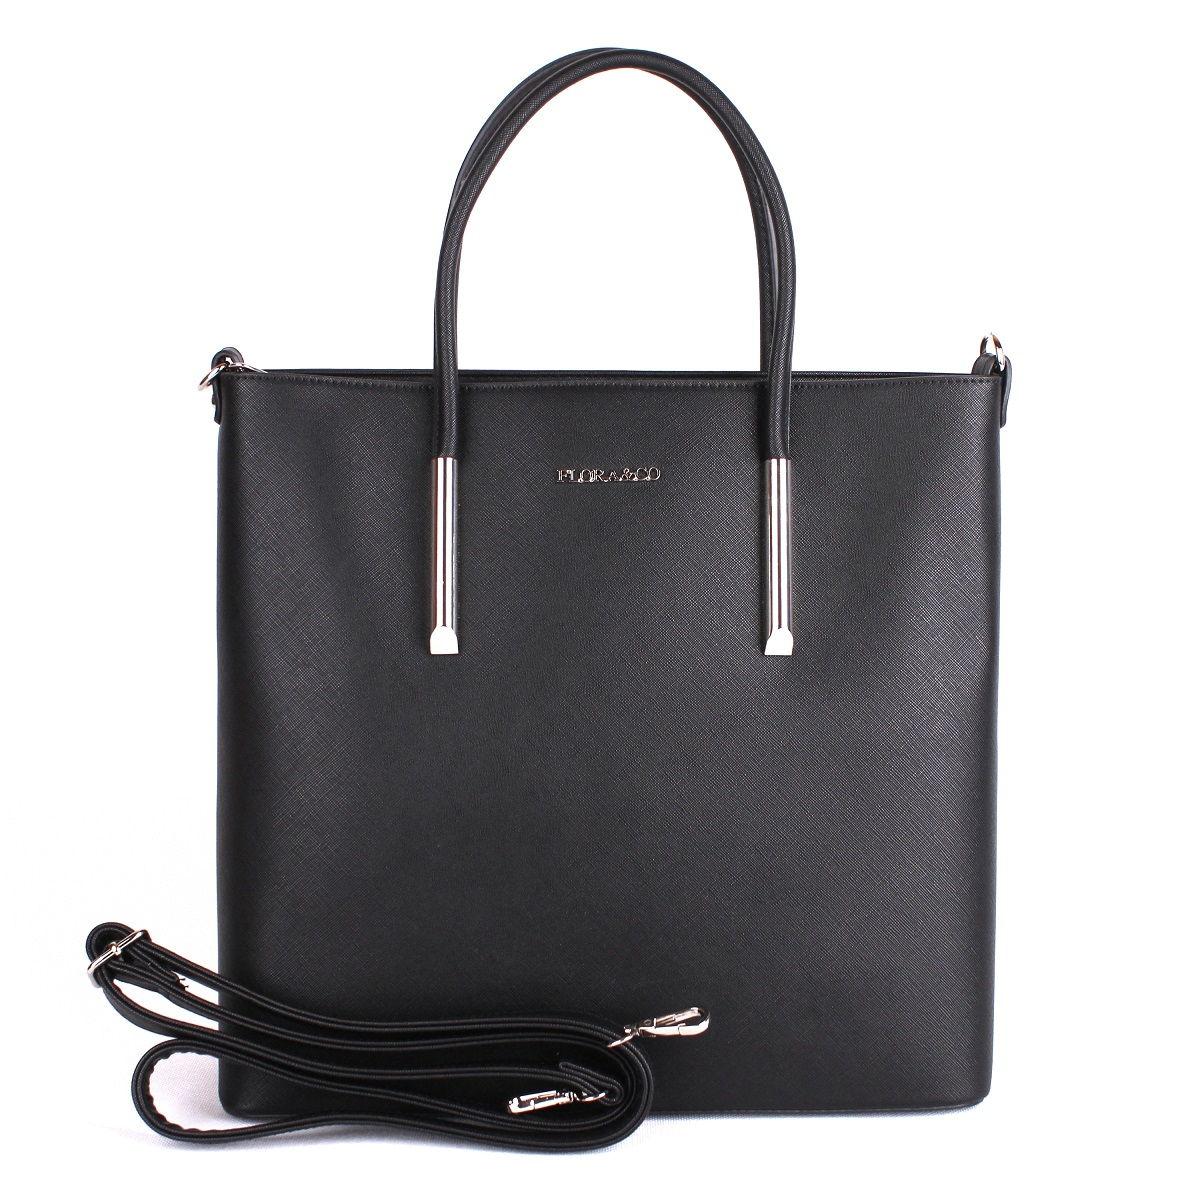 Elegantní kabelka FLORA&CO F5645 černá